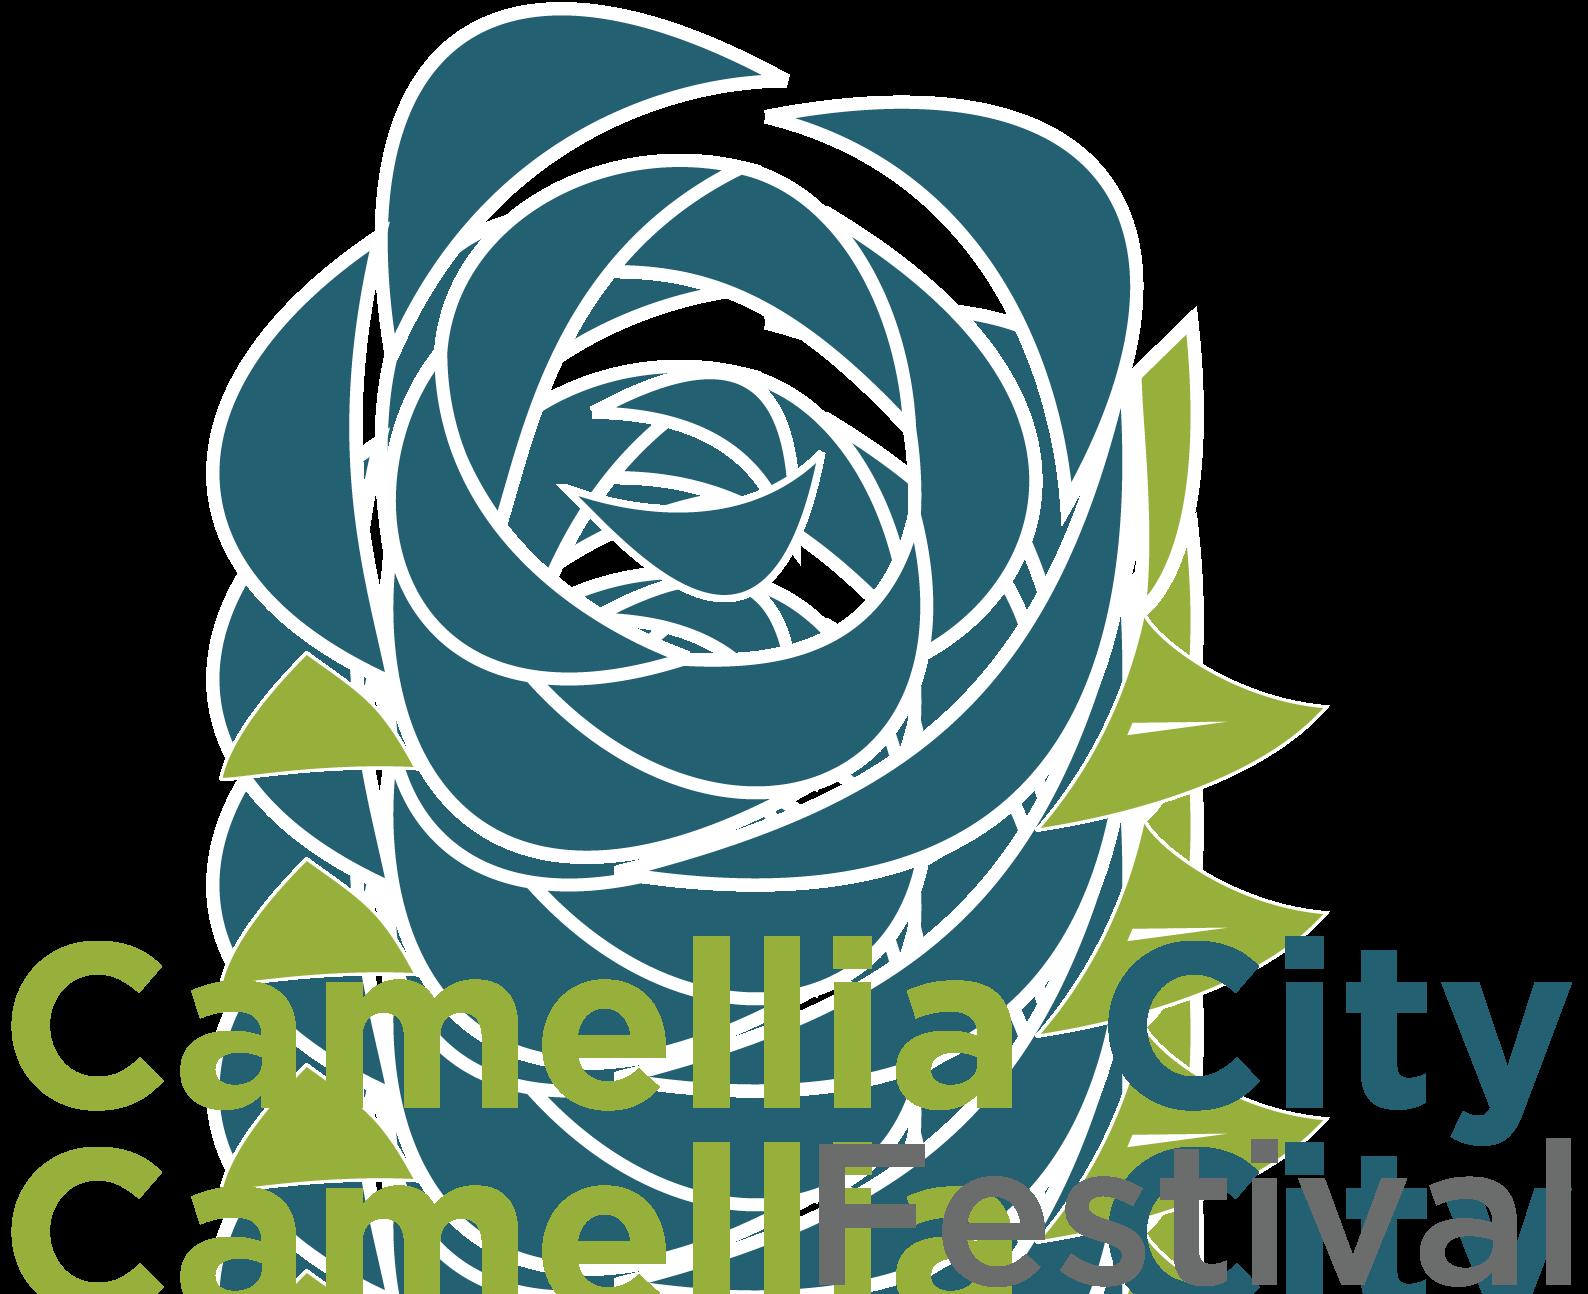 Camellia-city-festival-logo-w167.png